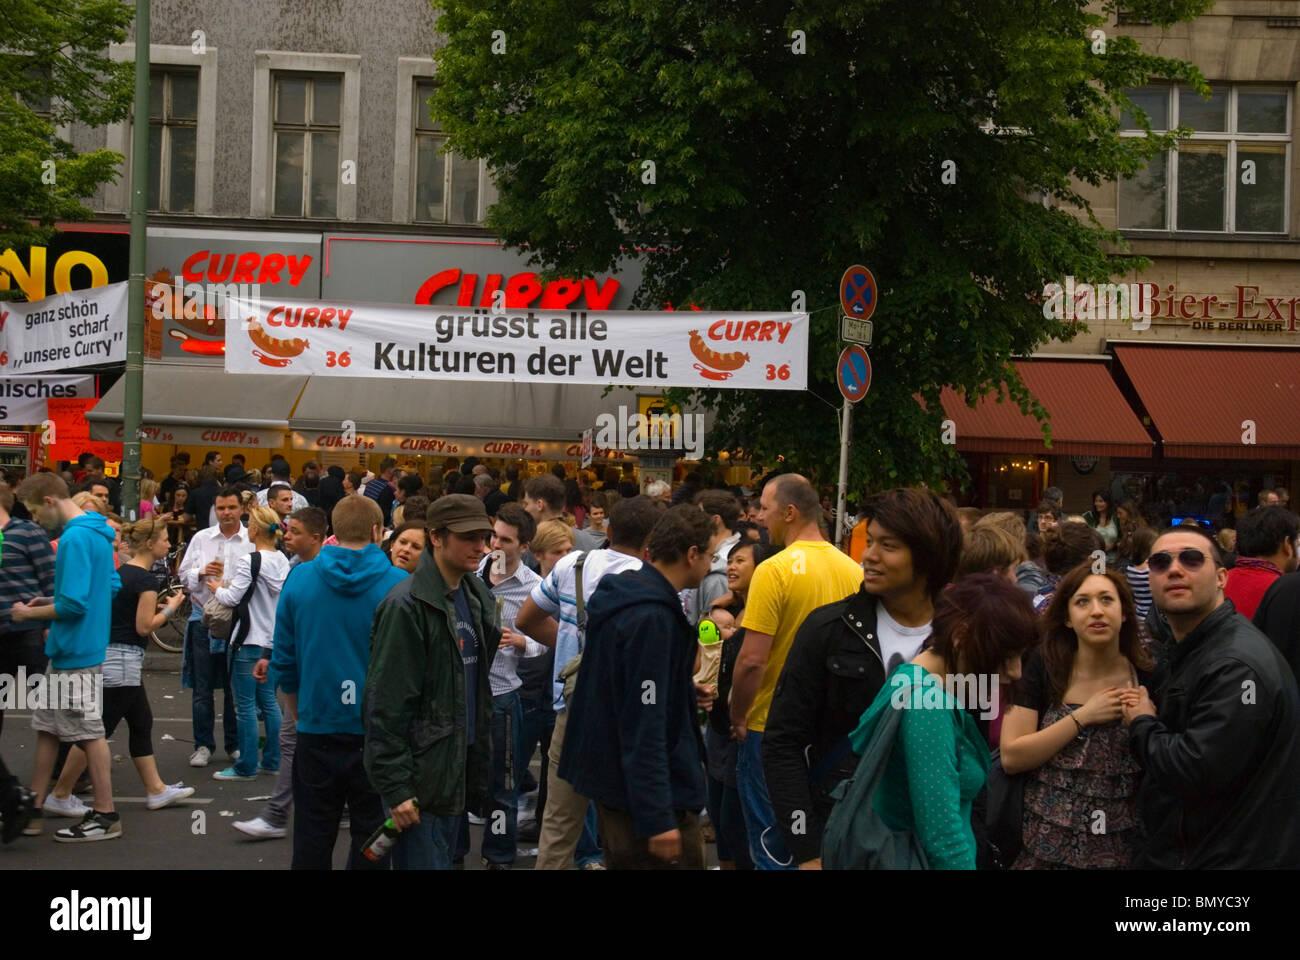 Karneval der Kulturen (Carnaval des Cultures) street festival kreuzberg Berlin Allemagne Eurore Photo Stock